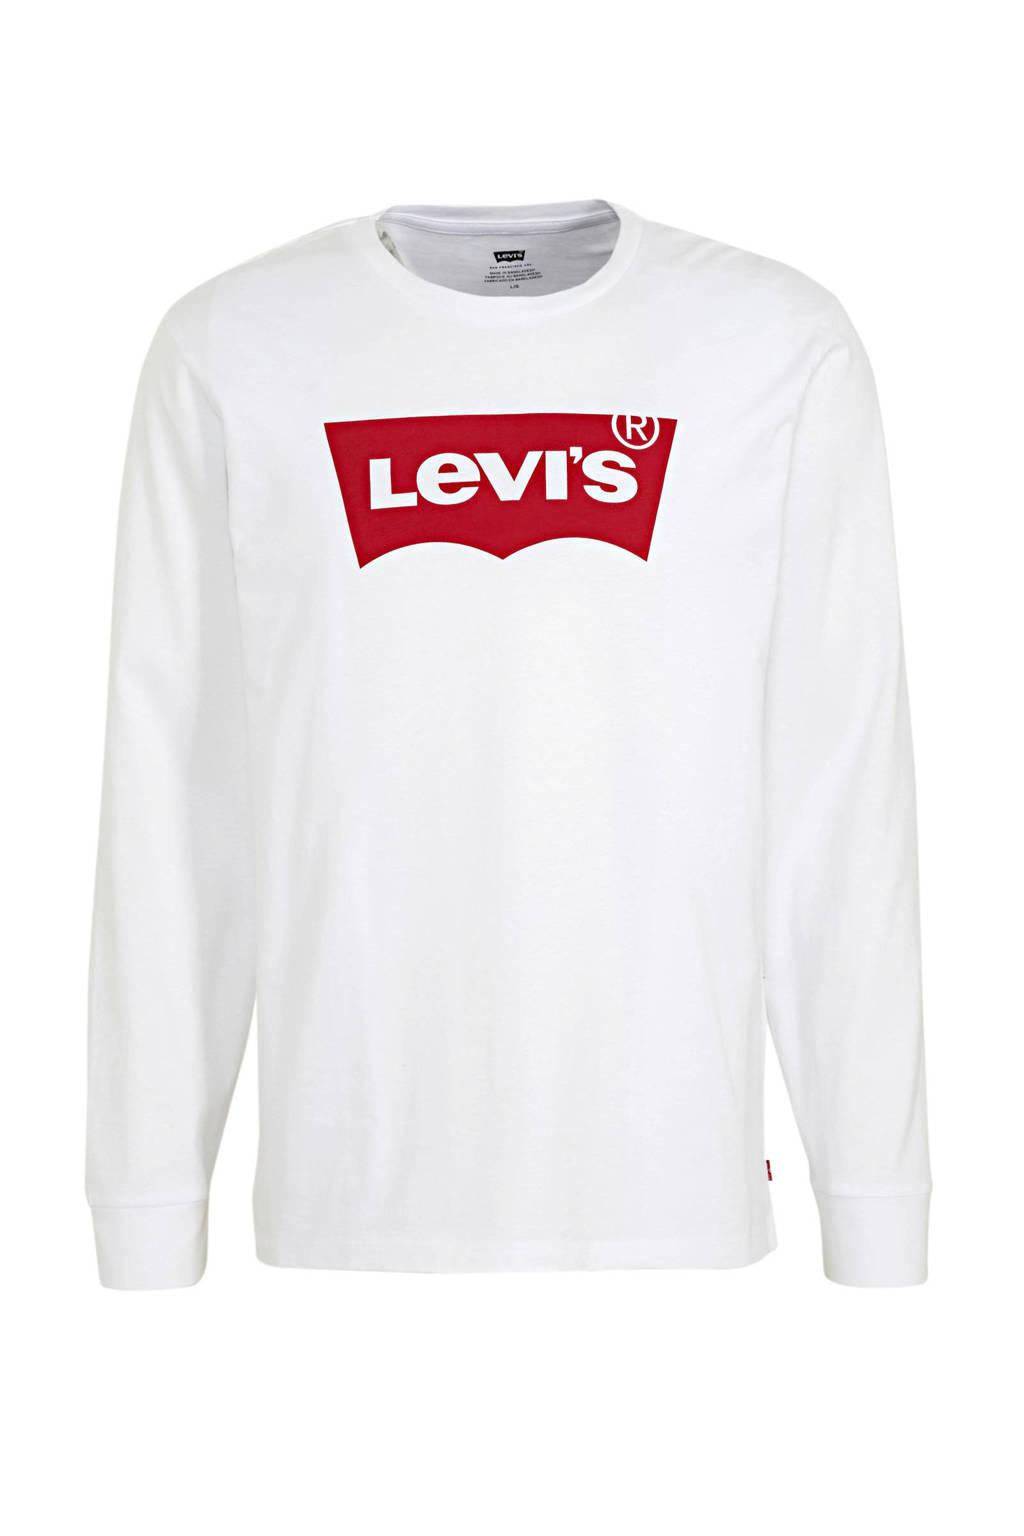 Levi's longsleeve met logo wit, Wit